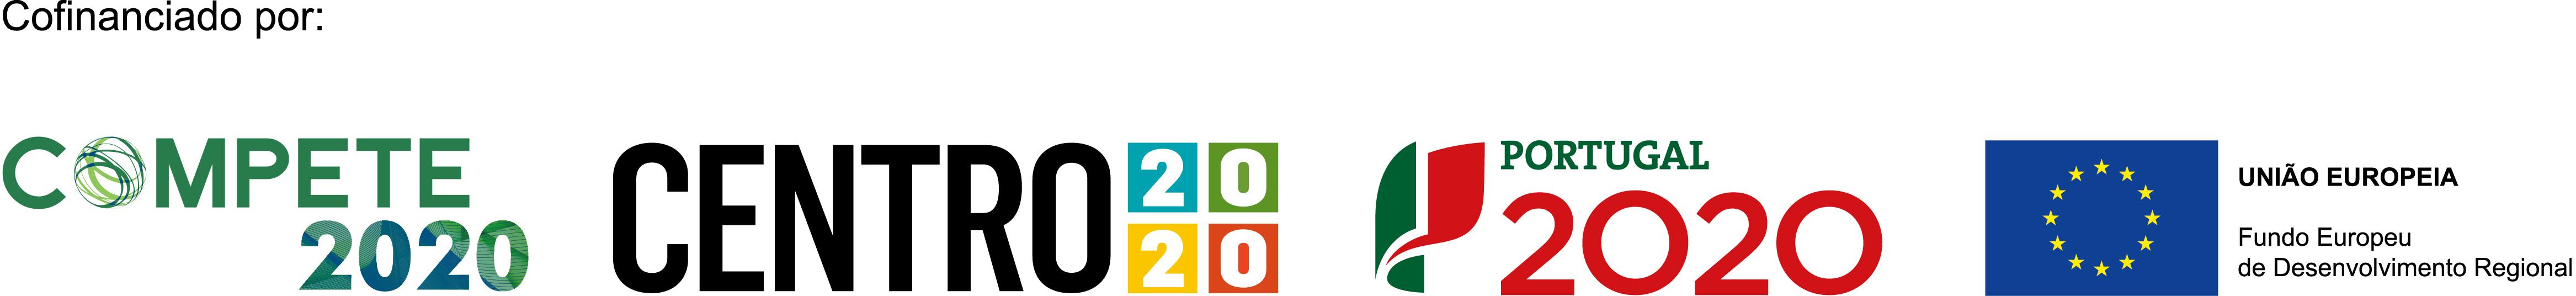 Projecto 2020